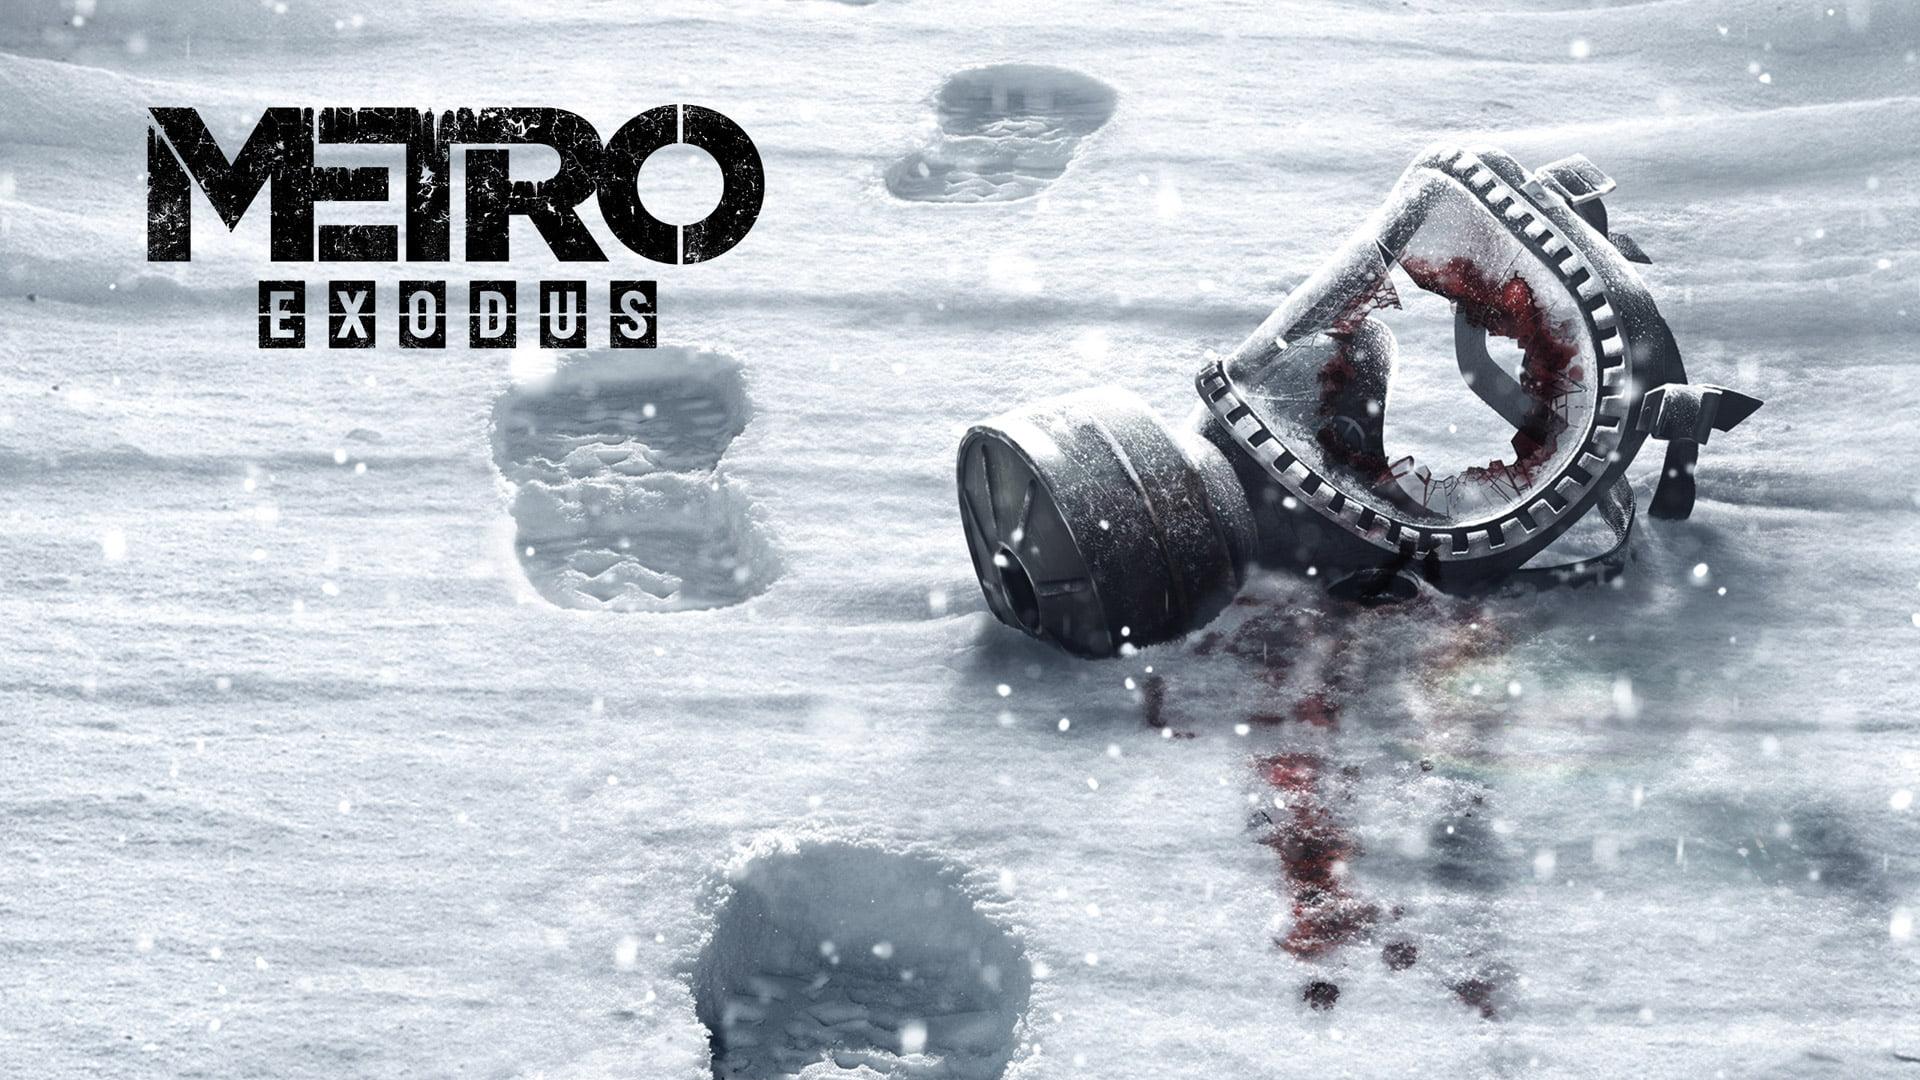 Metro Exodus sprzedaje się dużo lepiej niż Last Light i dostaje tryb New Game Plus 19